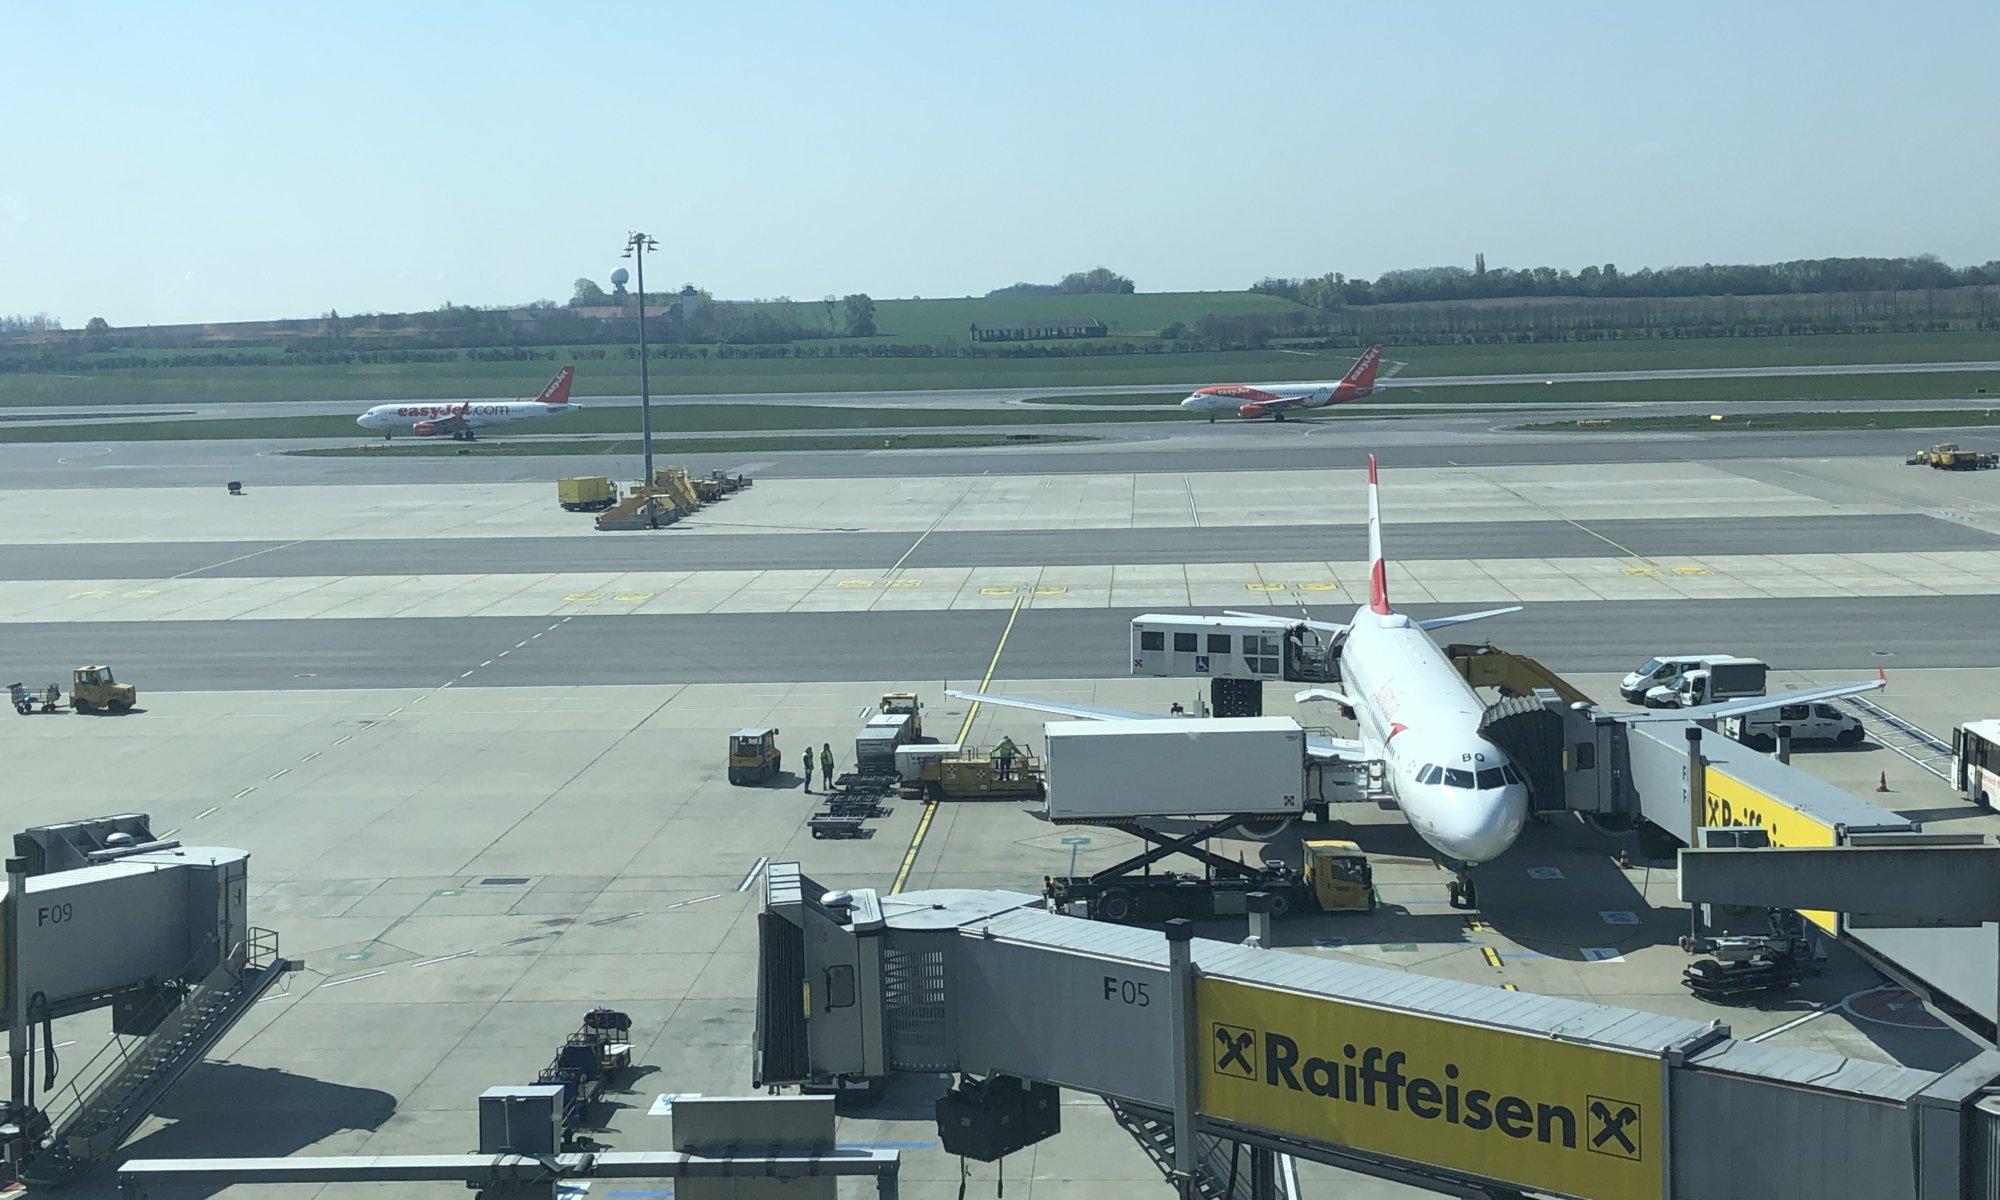 Wien-Schwechat airport (VIE)